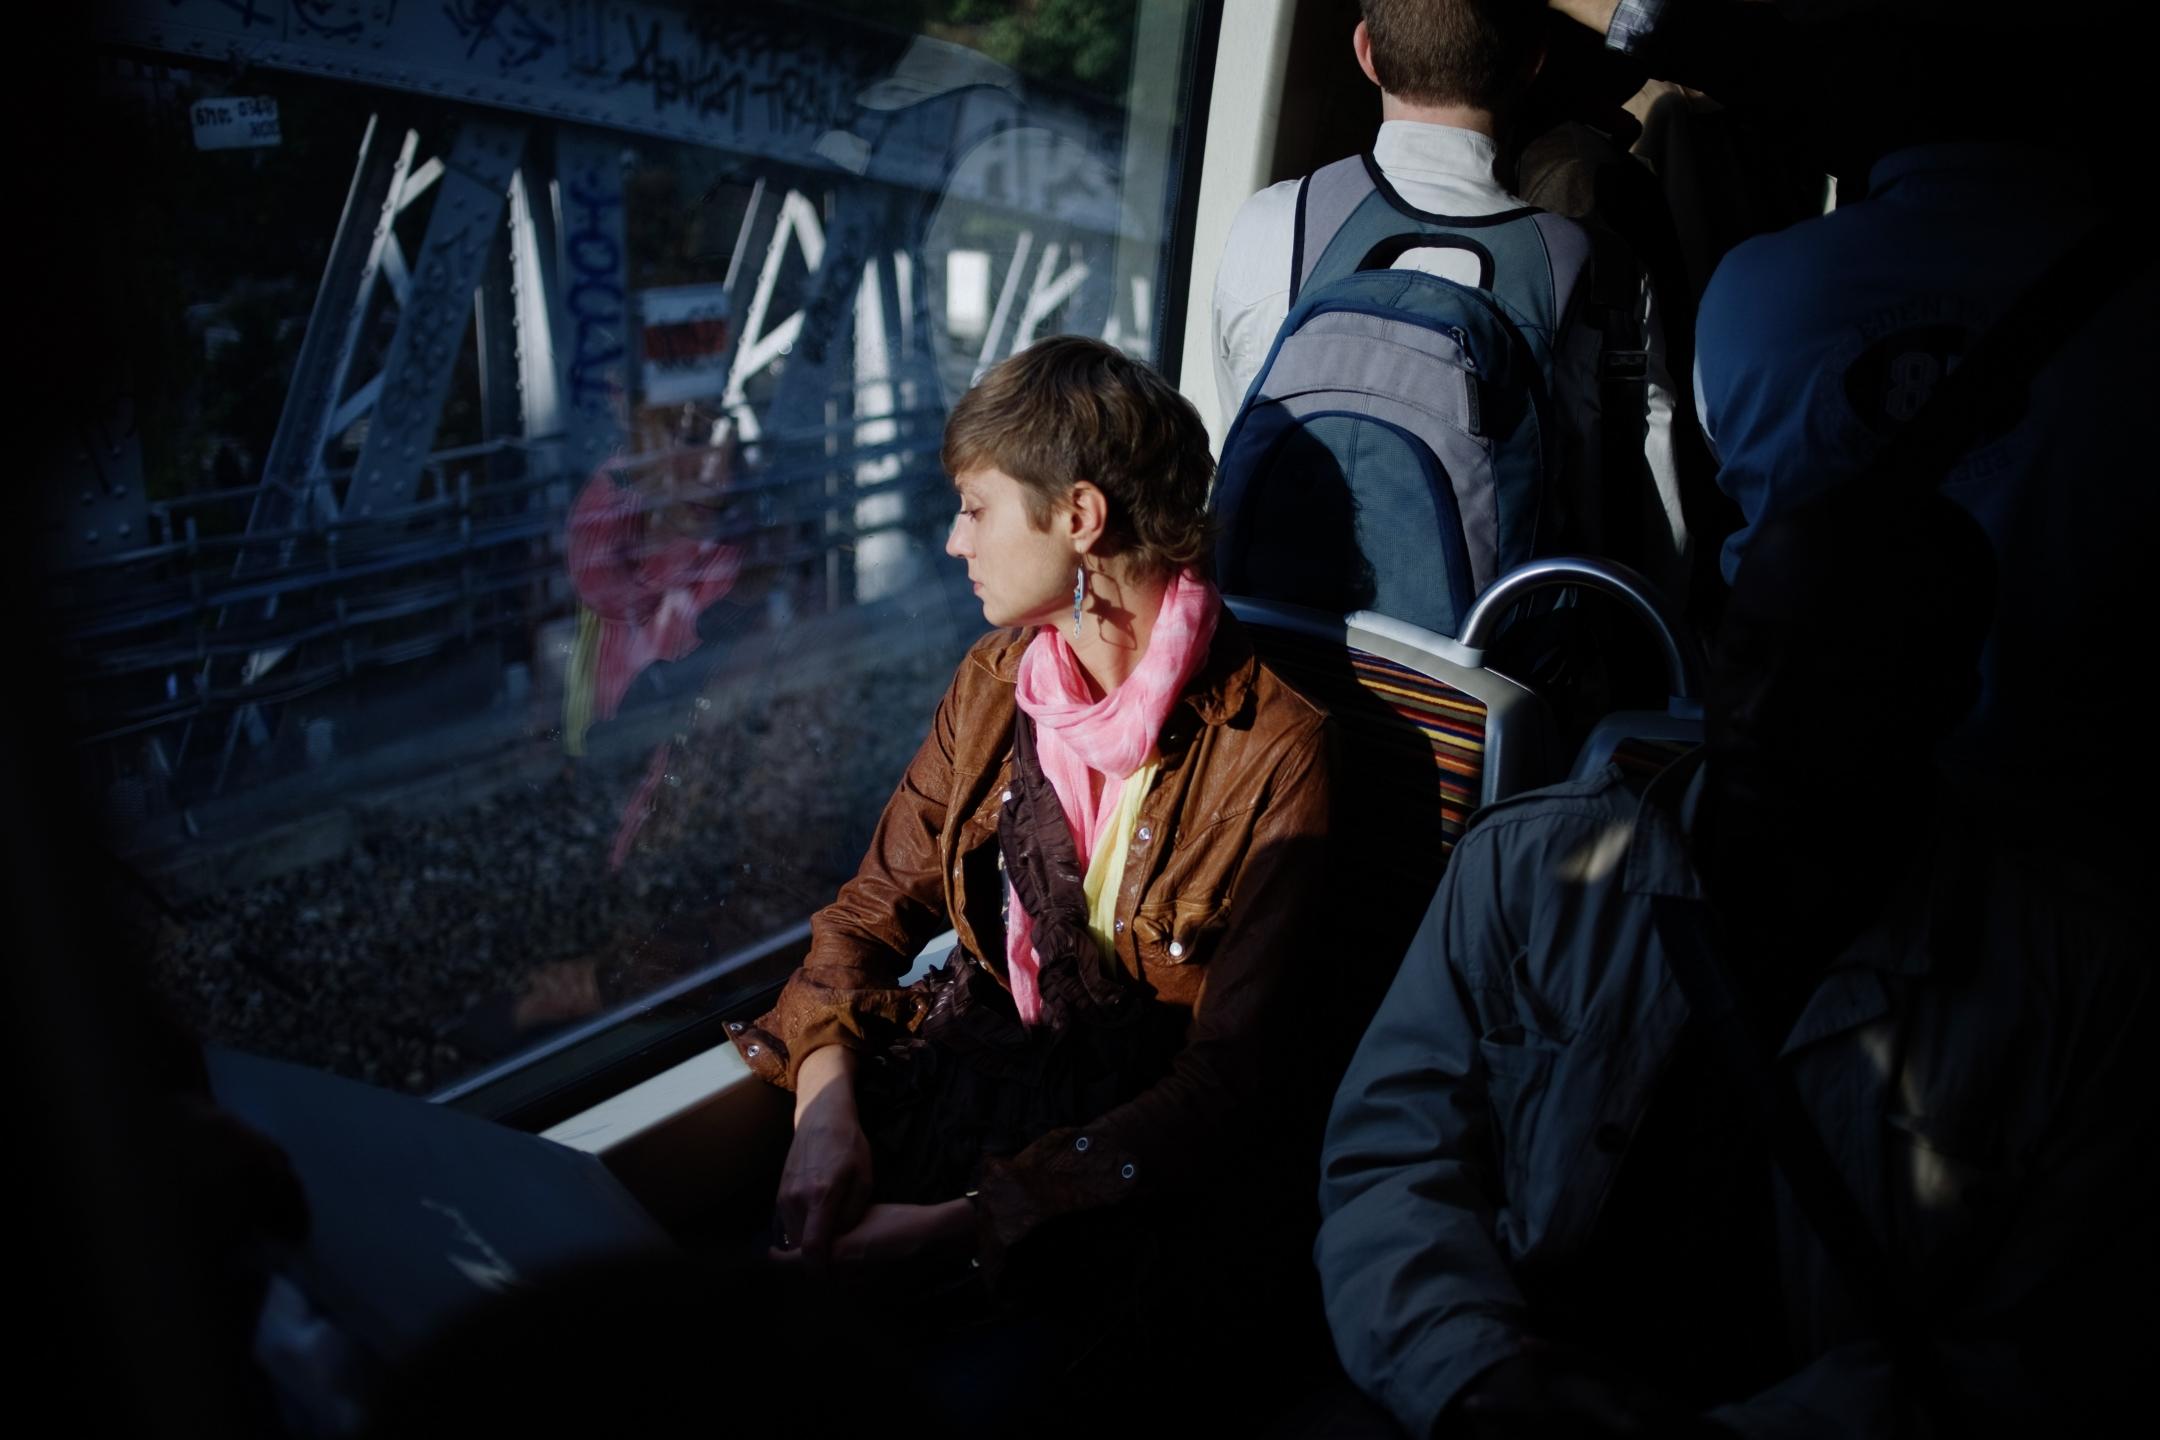 Prospekt Photographers Cha Gonzalez The Passenger PARIS